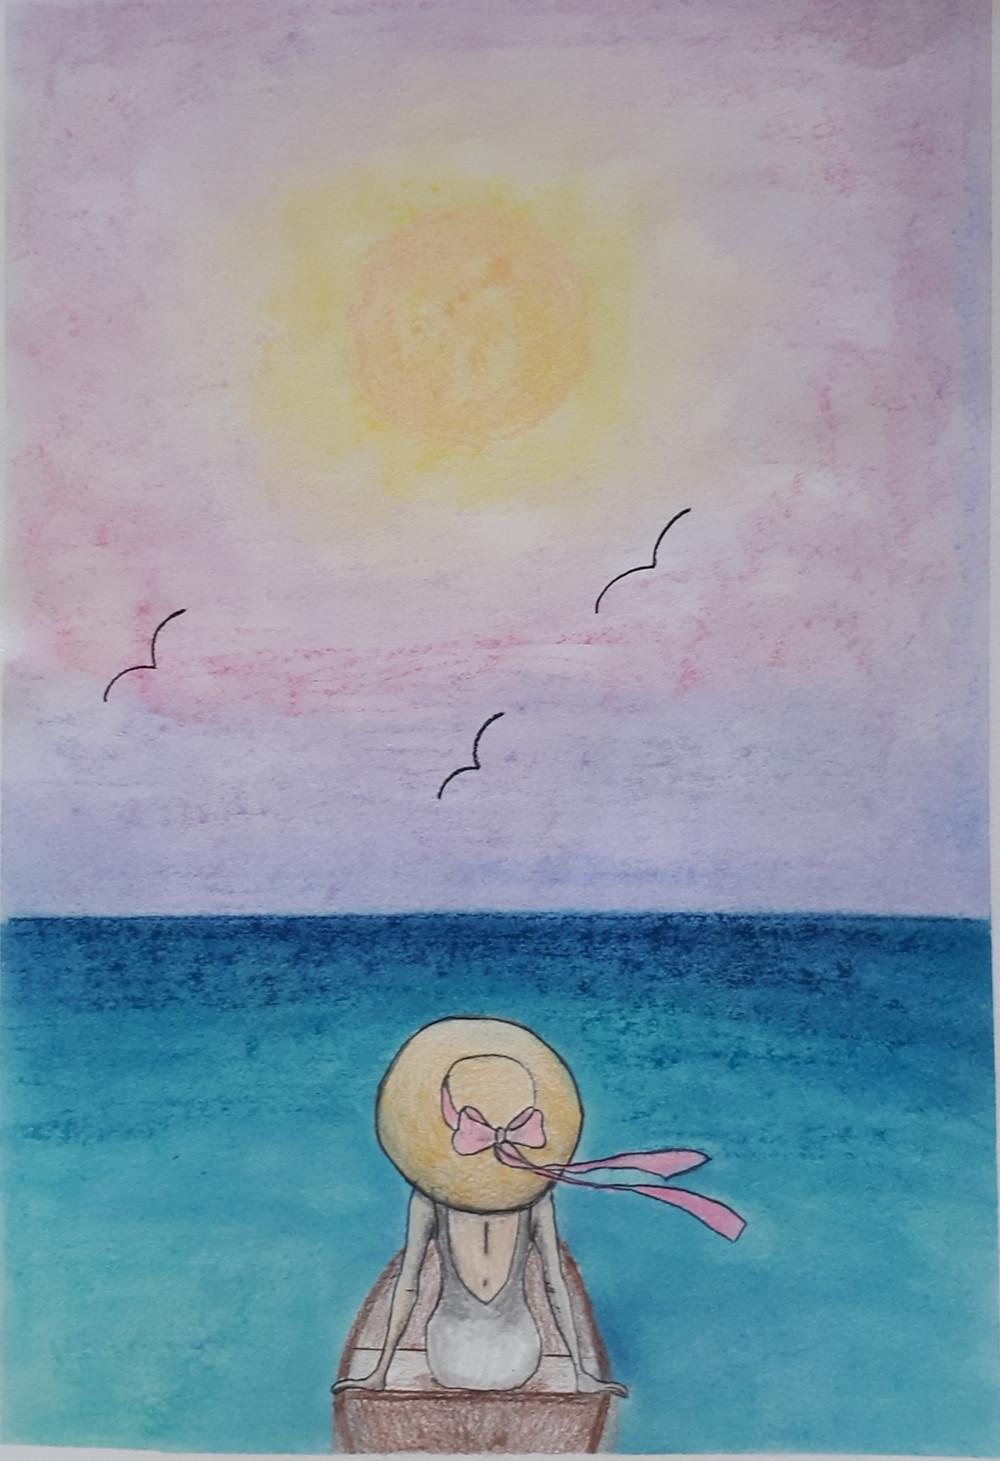 Desenho feito por Christina Brazil. Em um pequeno barco de madeira há uma mulher sentada de costas, ela está de chapéu palha com um laço de fita rosa, veste um maiô cinza. ao fundo o oceano em um degradê de verde, do mais claro para o mais escuro, no horizonte. No céu os tons de rosa se misturam com o amarelo do sol que está ao centro. vê-se três gaivotas voando.